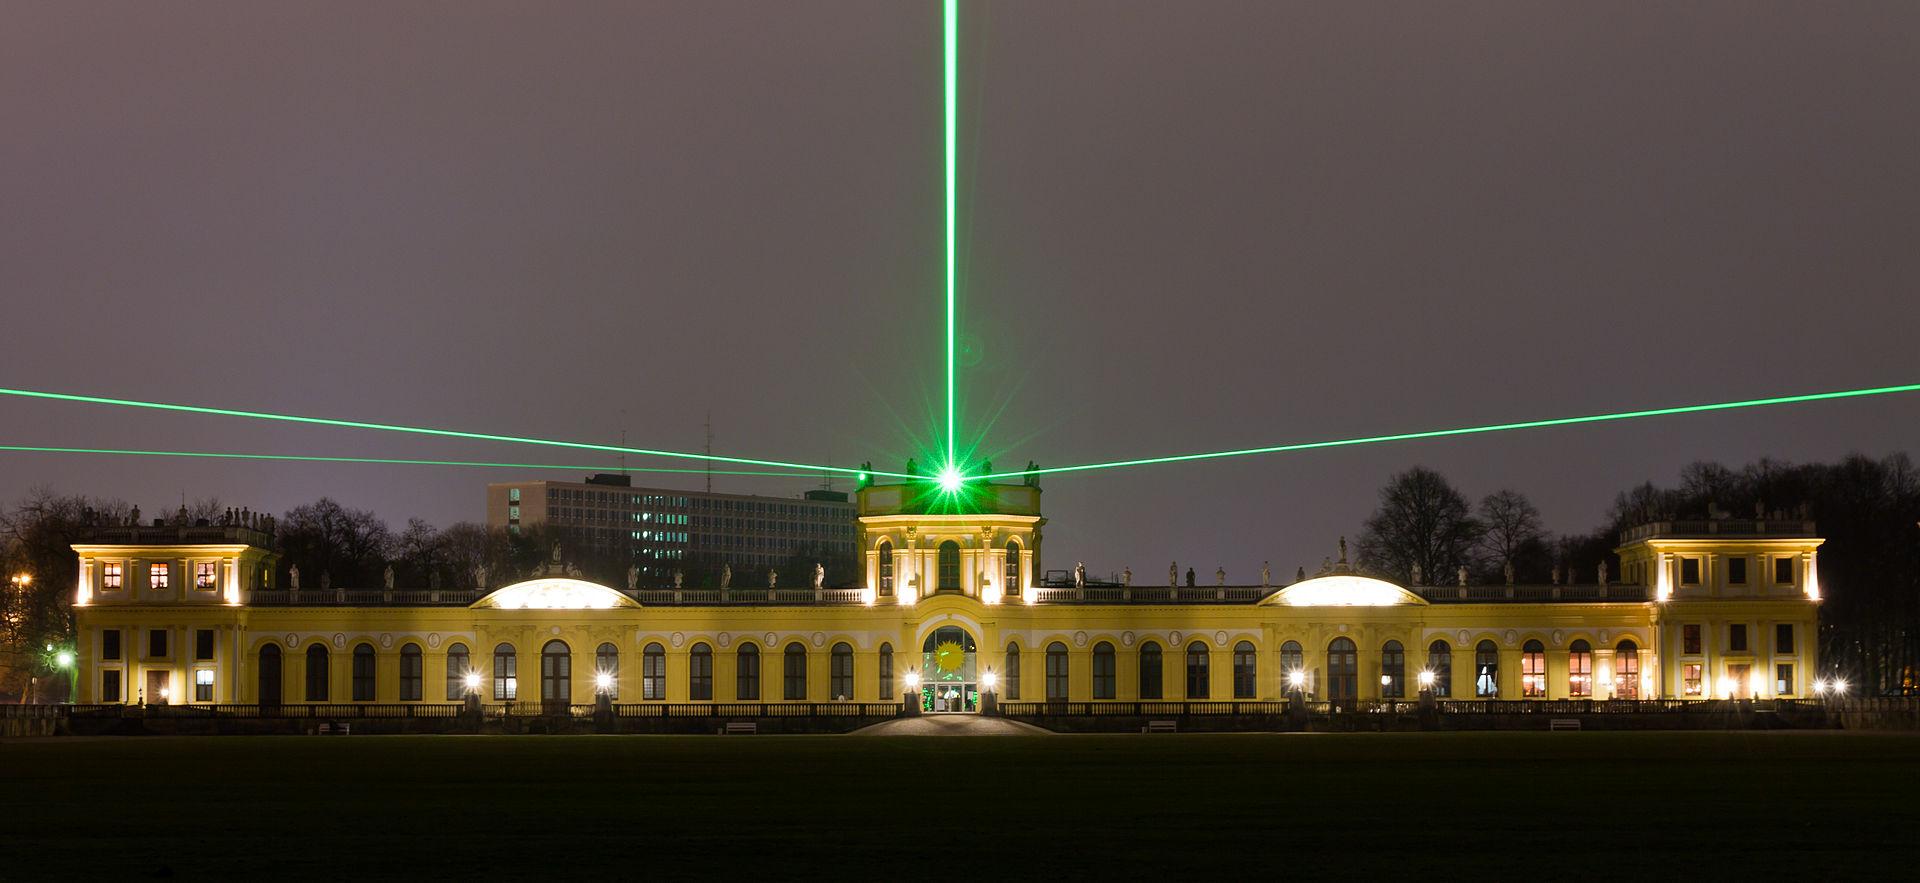 Bild Planetarium in der Orangerie  Kassel